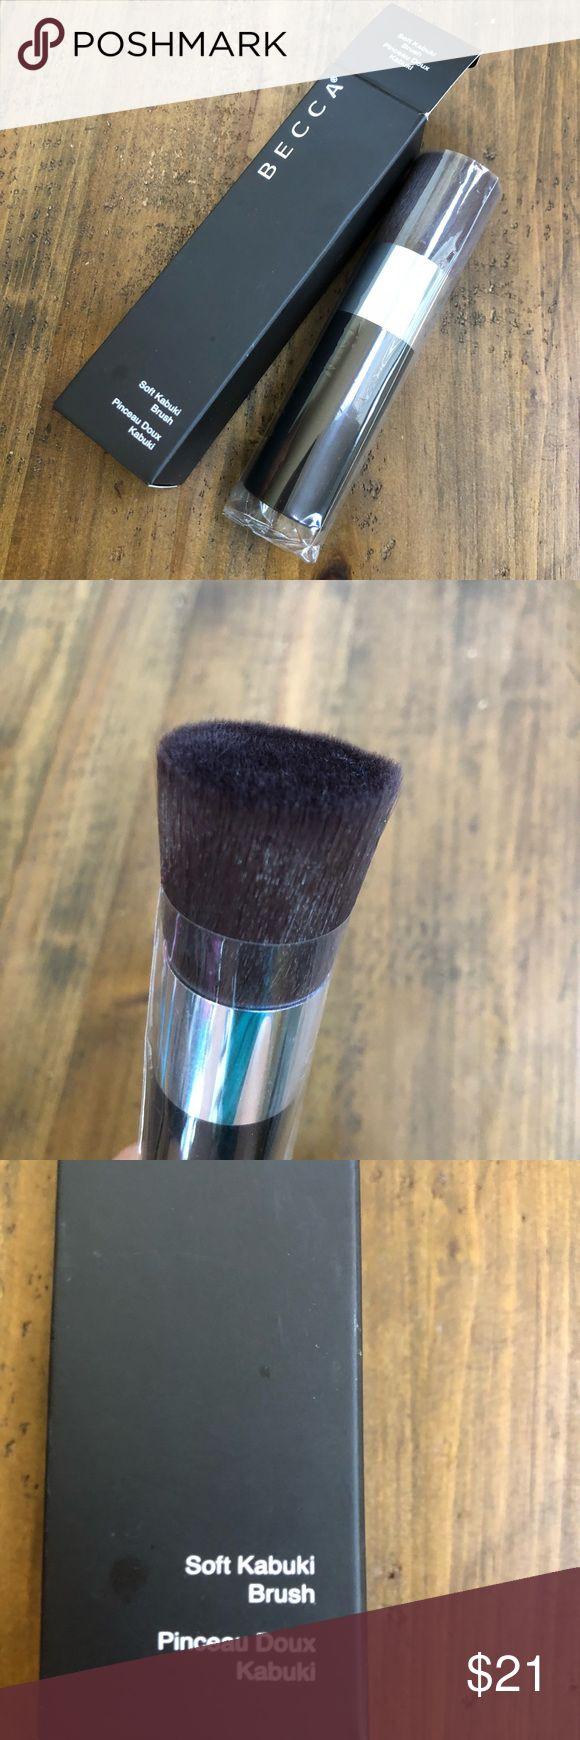 Brand new BECCA kabuki brush price firm Kabuki brush